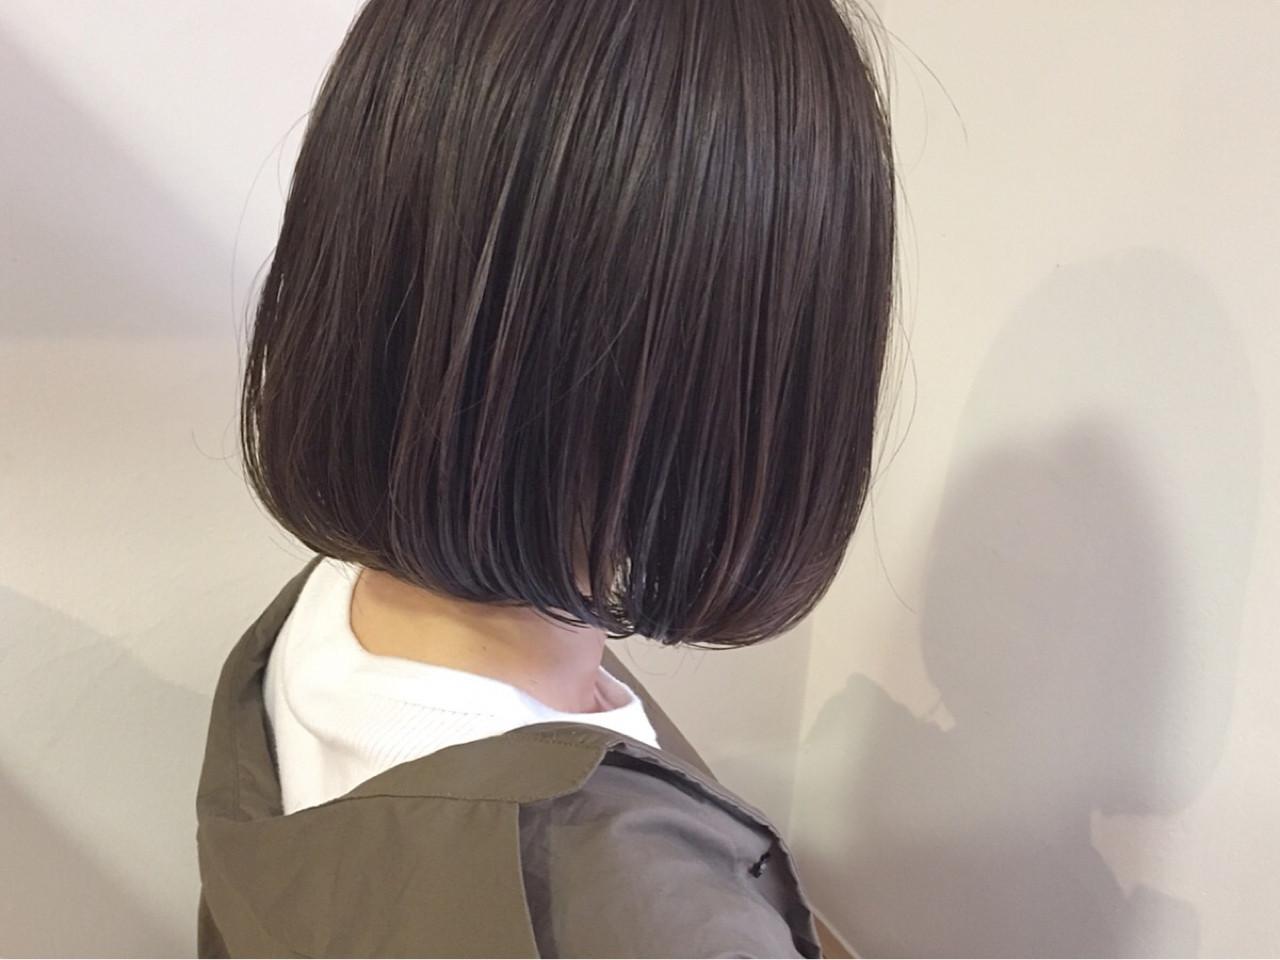 秋 オフィス 透明感 切りっぱなし ヘアスタイルや髪型の写真・画像 | KENTO.NOESALON / NOE SALON